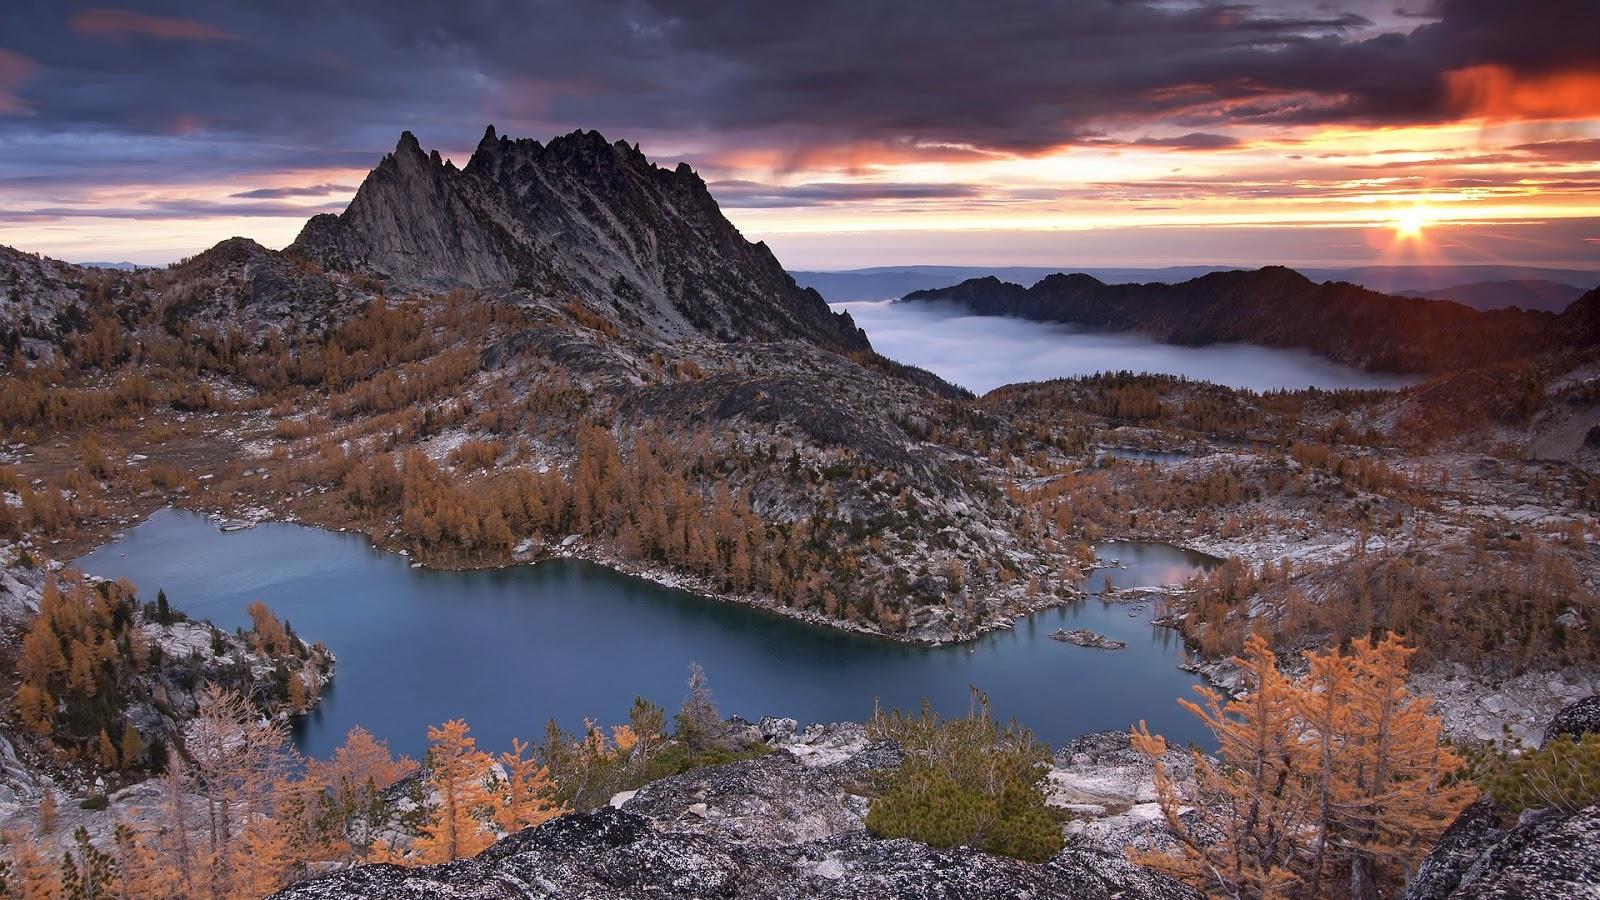 Prusik Mountain Peak